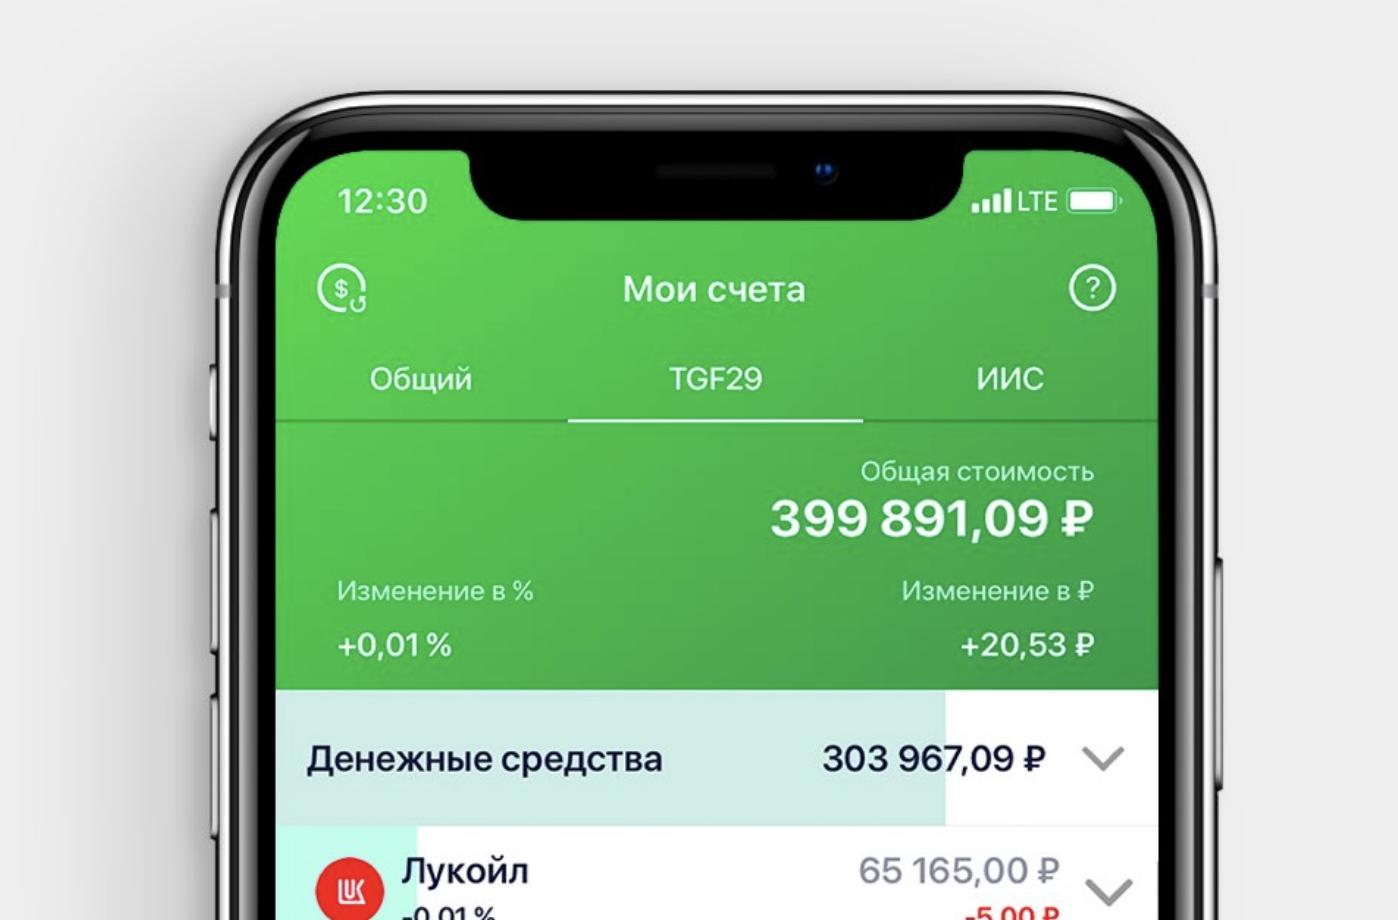 Сбербанк выпустил новое приложение для частных инвесторов  Сбер.Инвестор